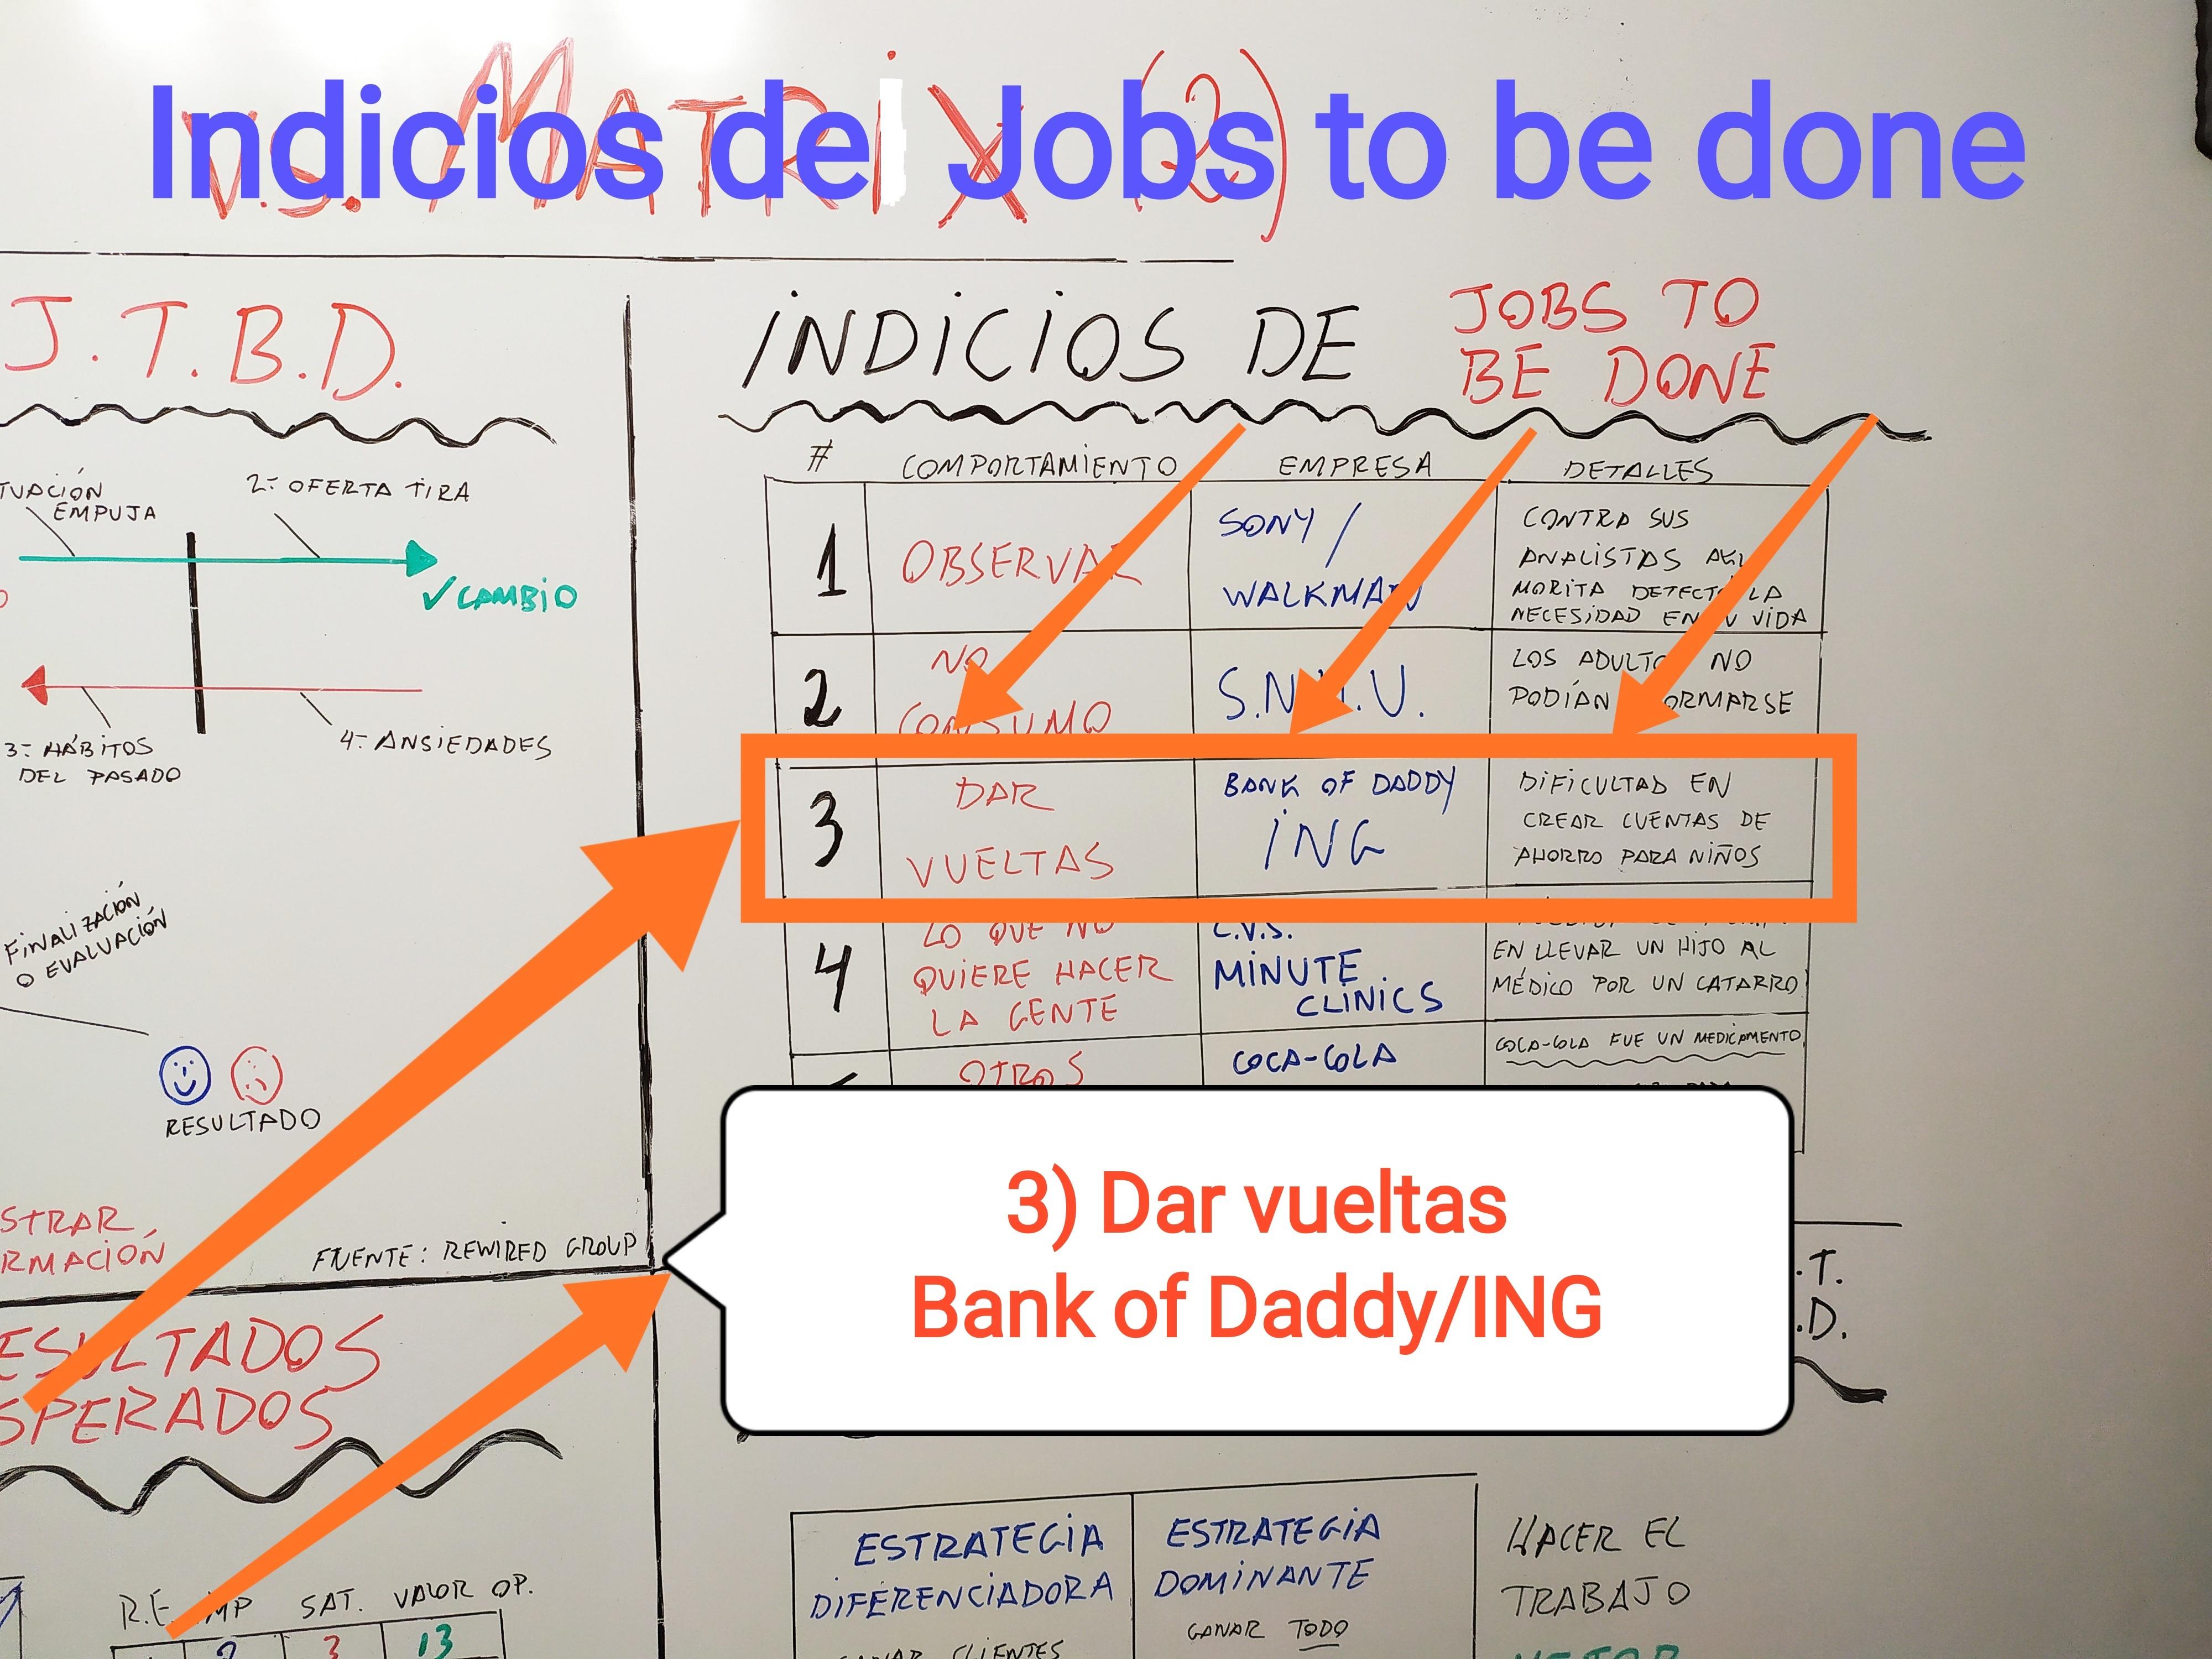 Indicios de Jobs to be done: 3) Dar vueltas. Oportunidad de negocio.